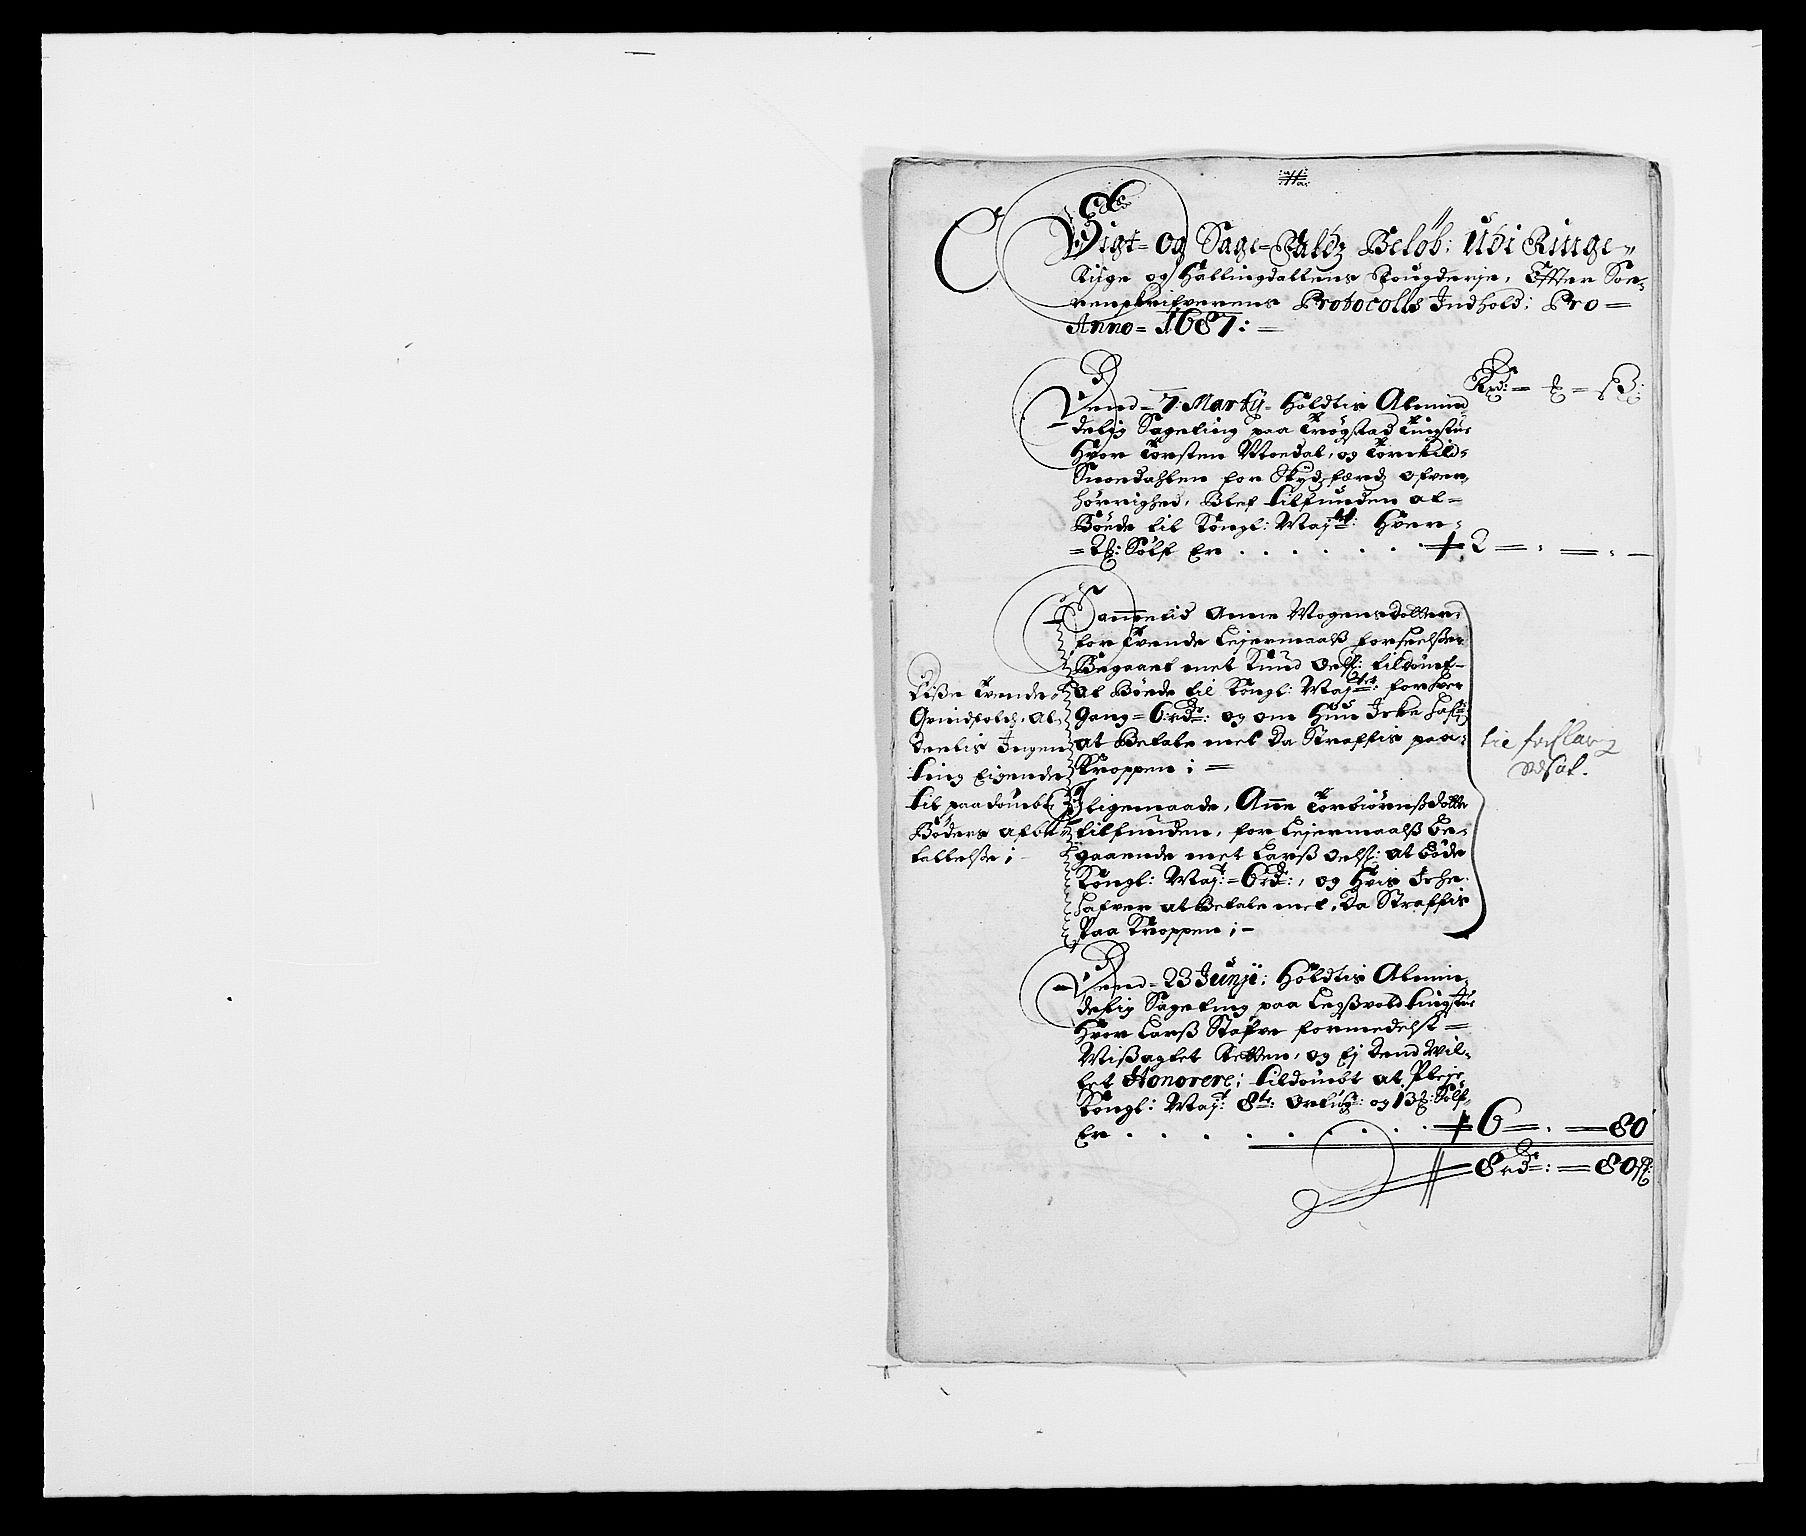 RA, Rentekammeret inntil 1814, Reviderte regnskaper, Fogderegnskap, R21/L1447: Fogderegnskap Ringerike og Hallingdal, 1687-1689, s. 39